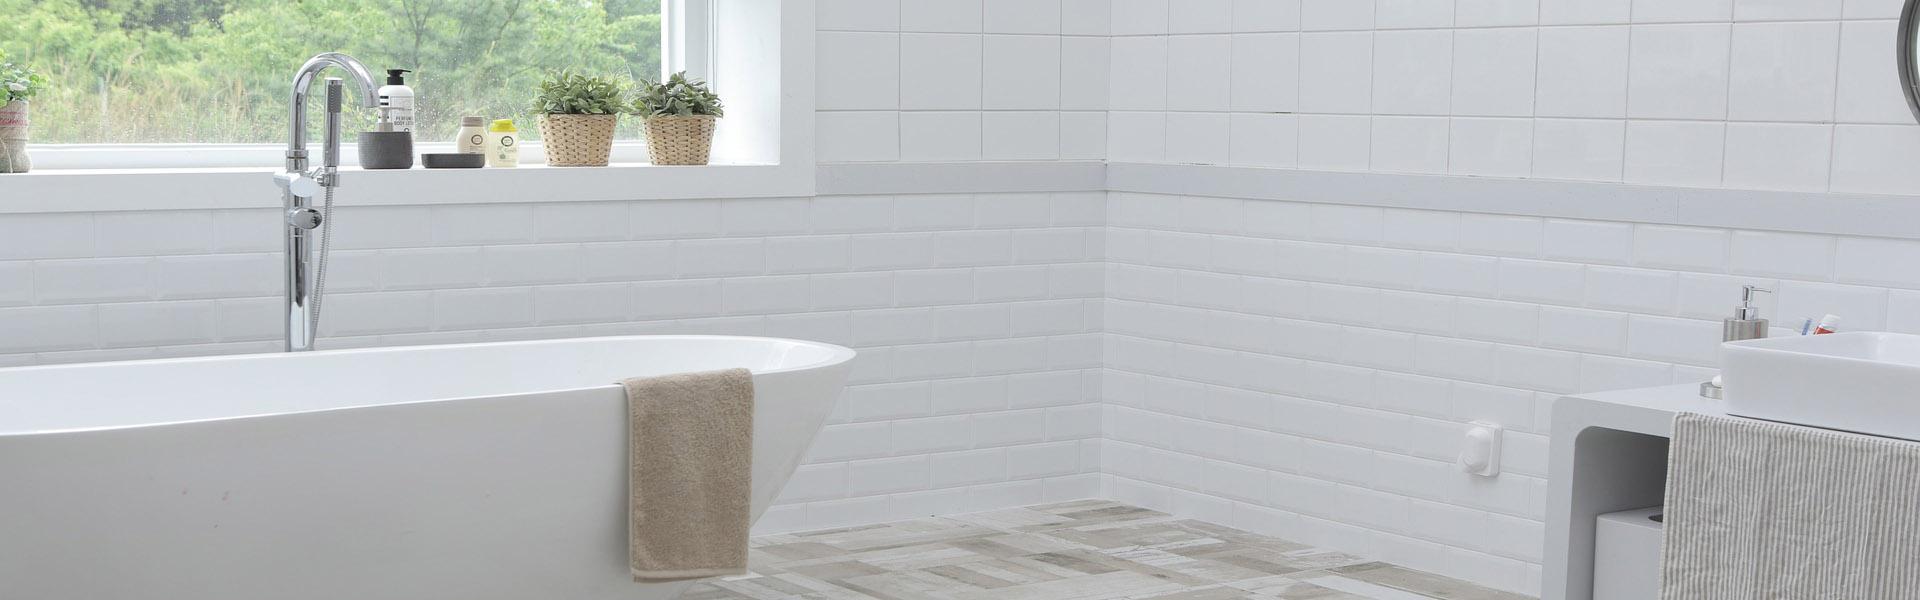 salle de bain, bain, douche, rénovation bain, construction bain